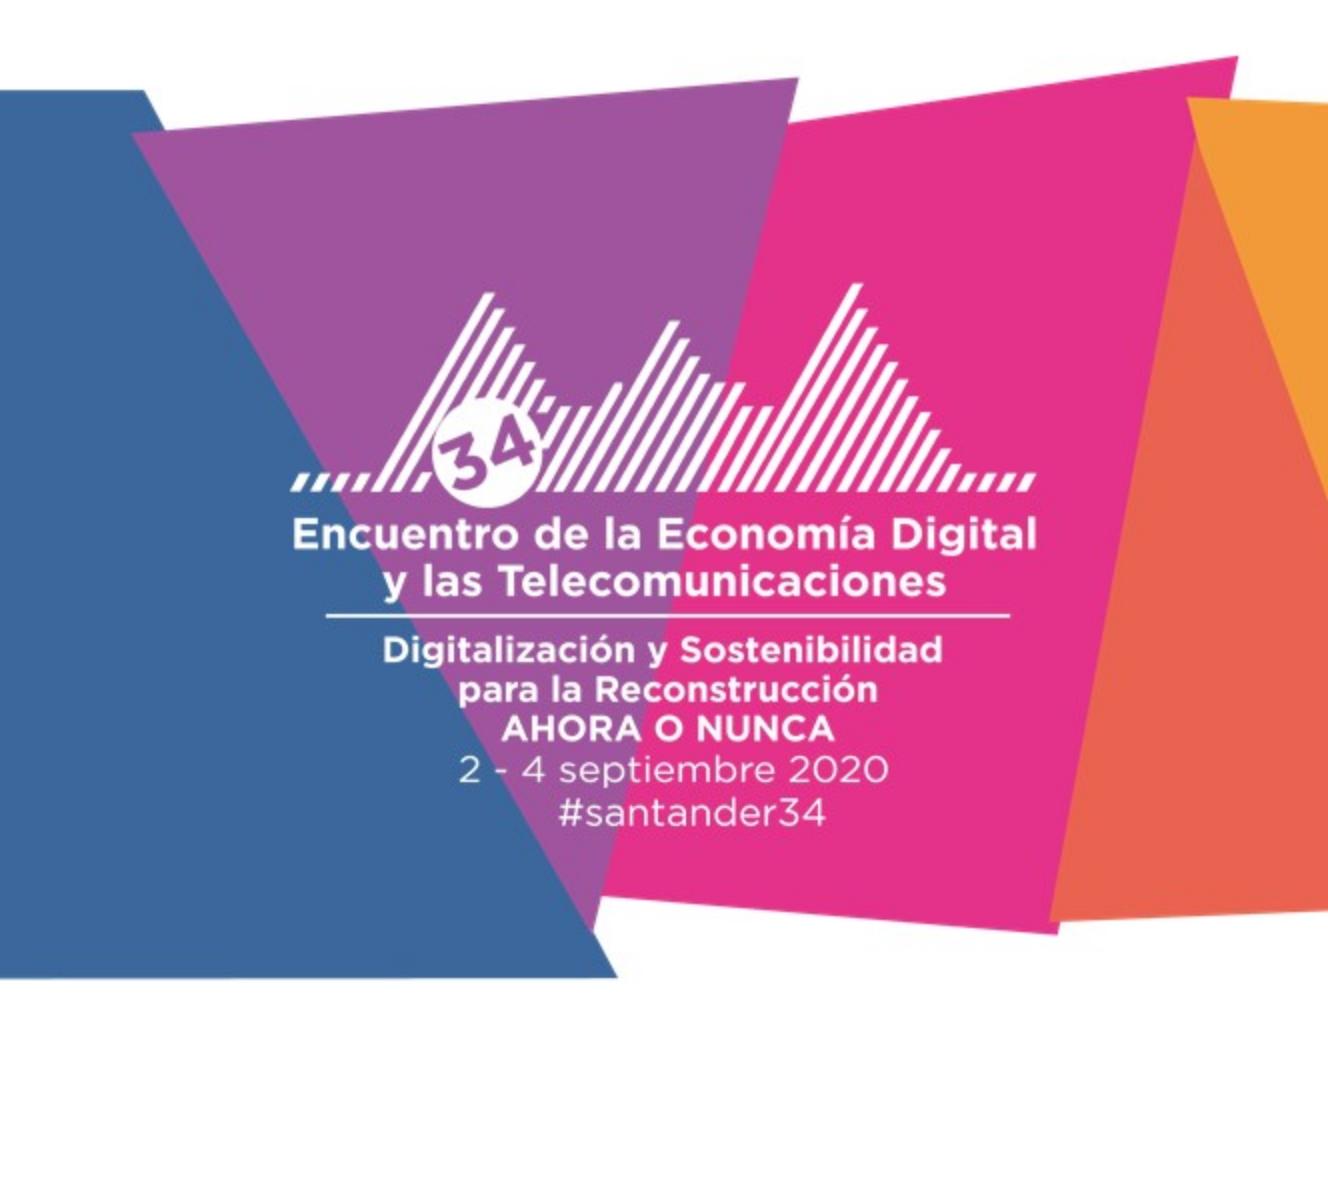 La transformación digital en la reconstrucción de España tras el COVID